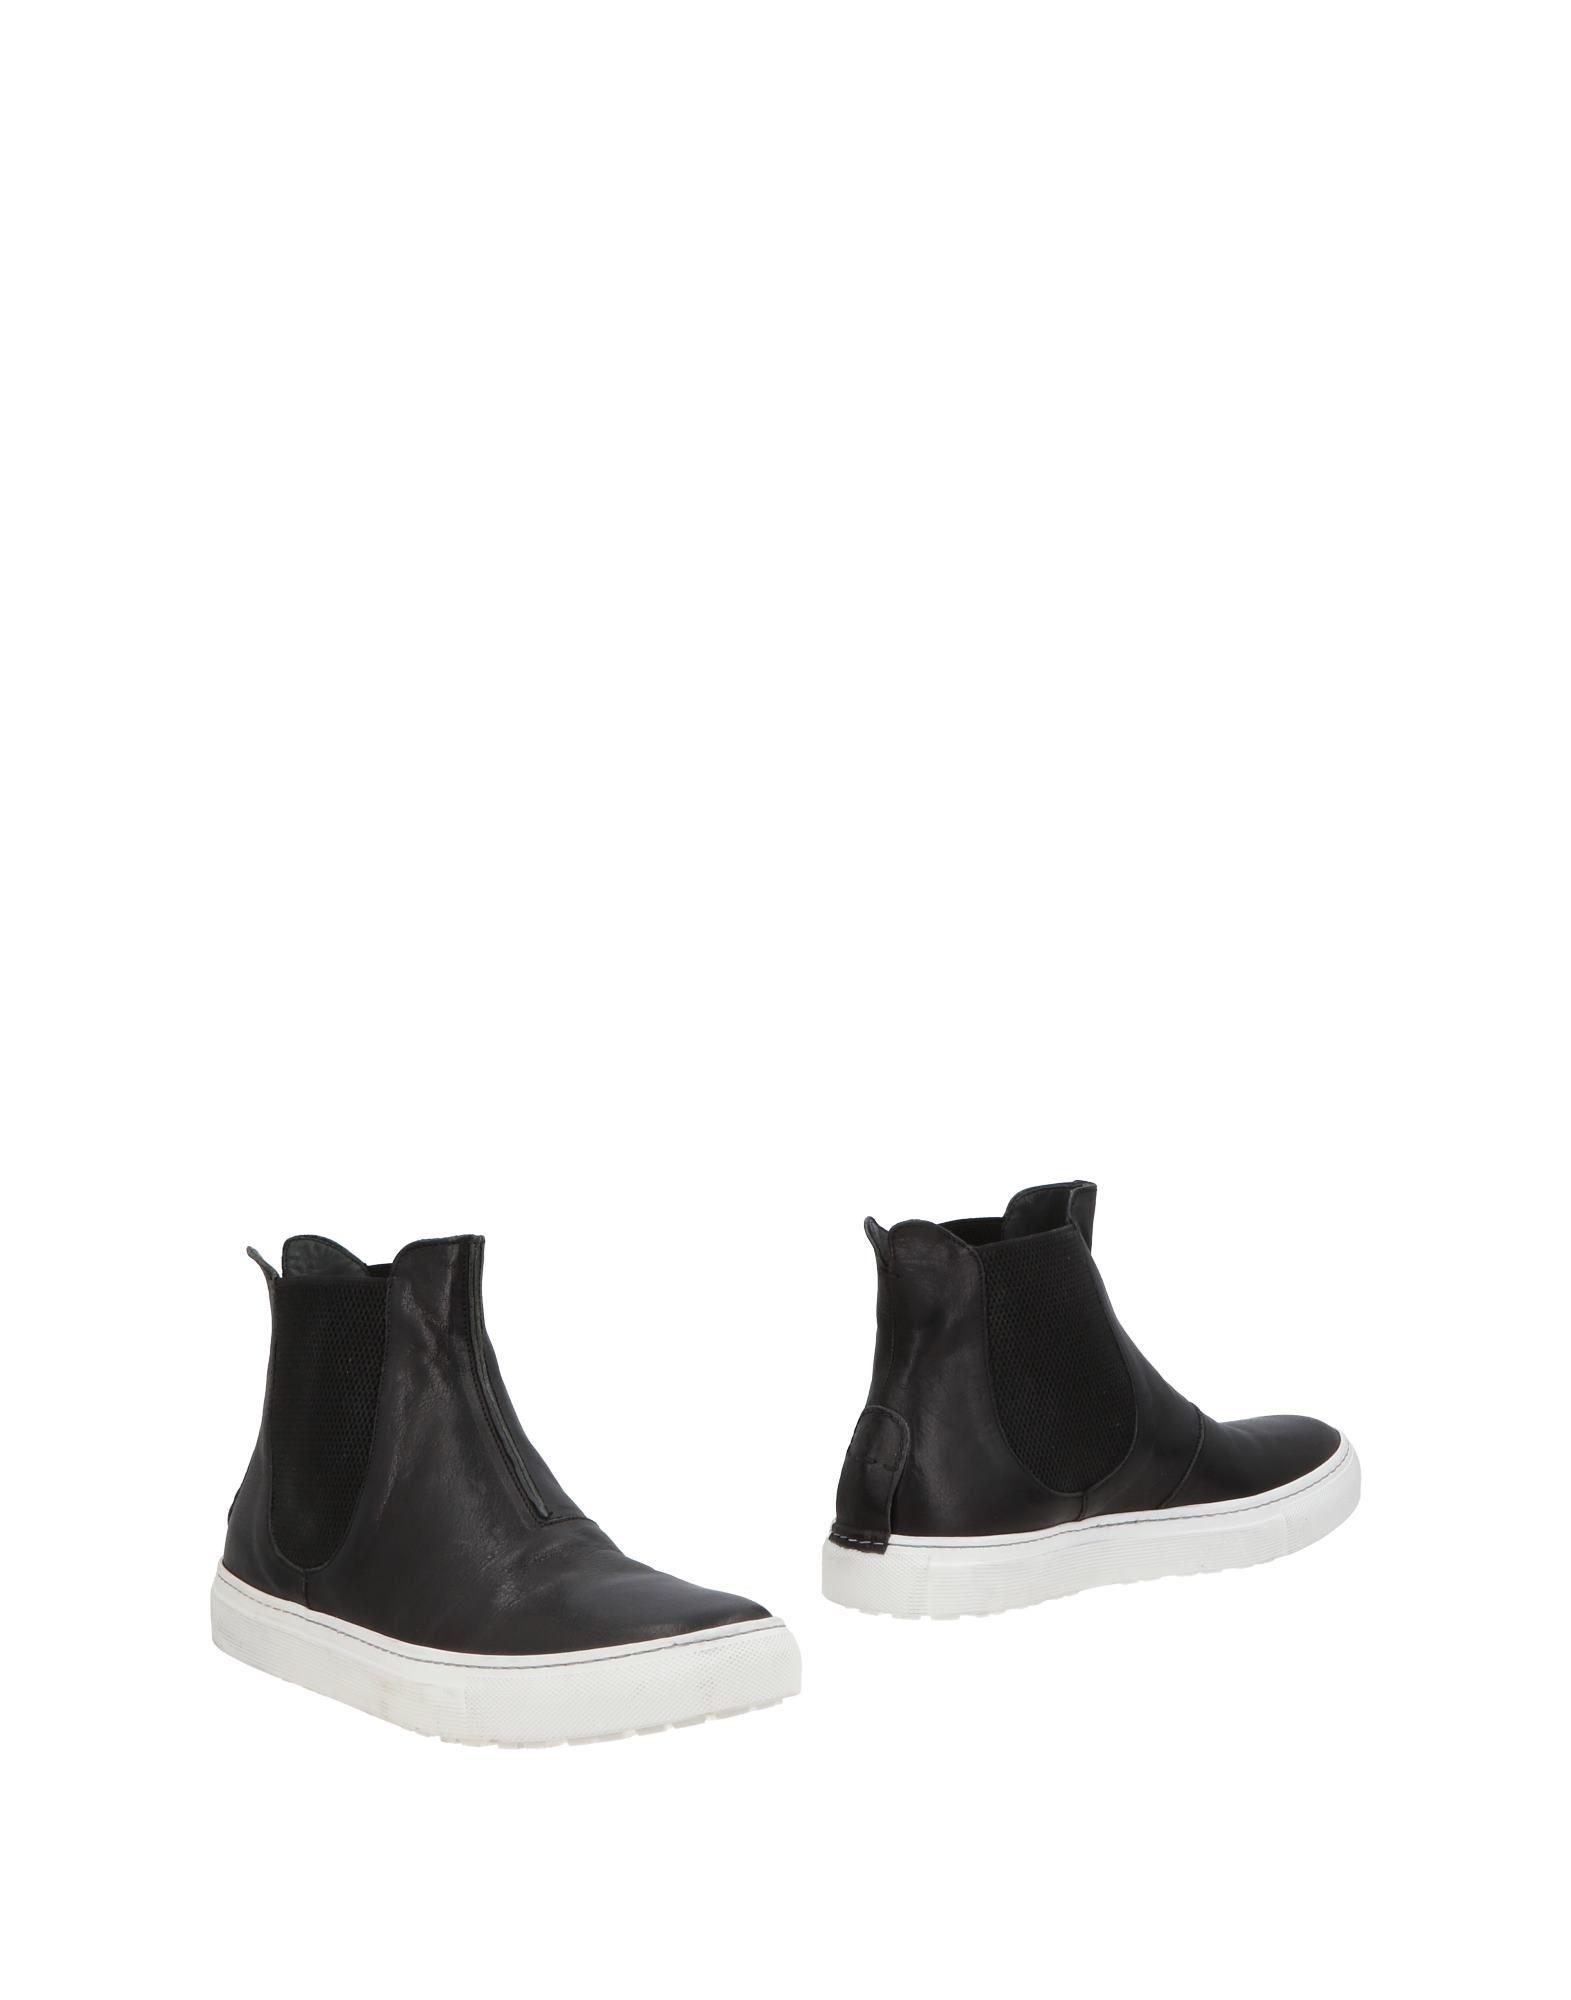 Fiorentini+Baker Stiefelette Herren  11501023TK Gute Qualität beliebte Schuhe